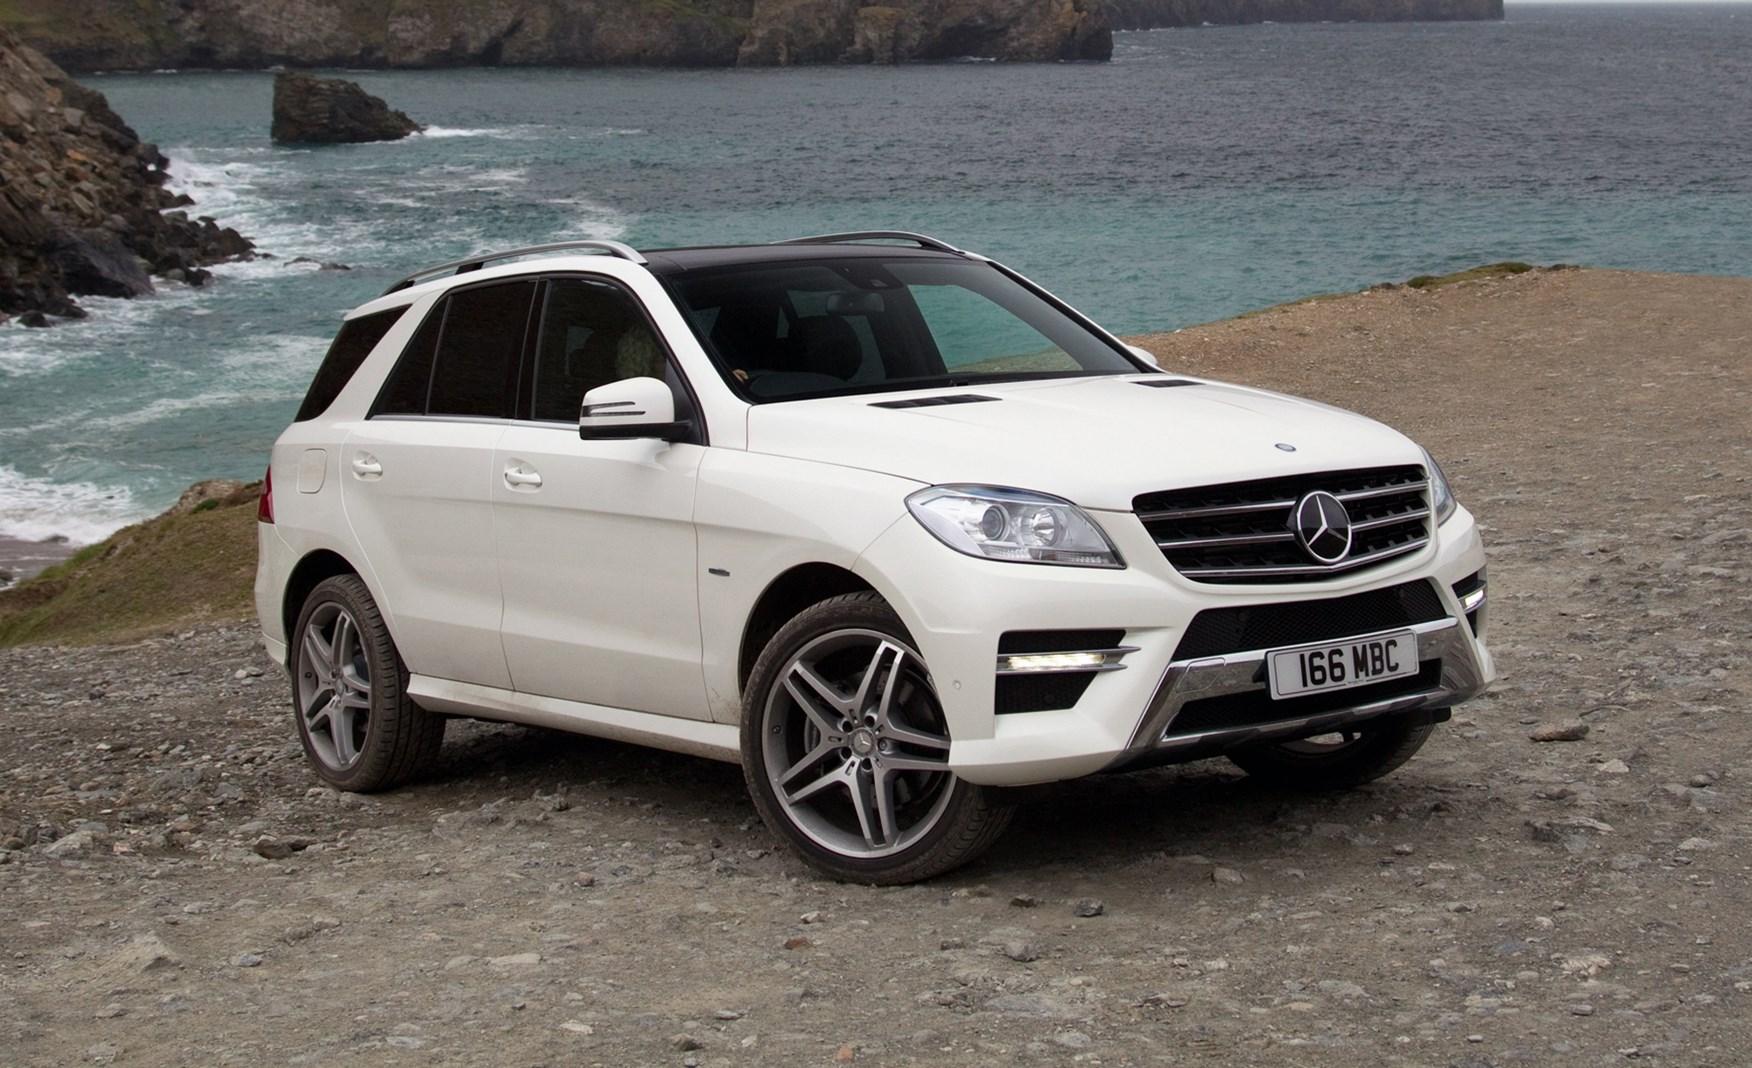 Mercedes benz m class estate 2012 2015 photos parkers for 2015 mercedes benz m class